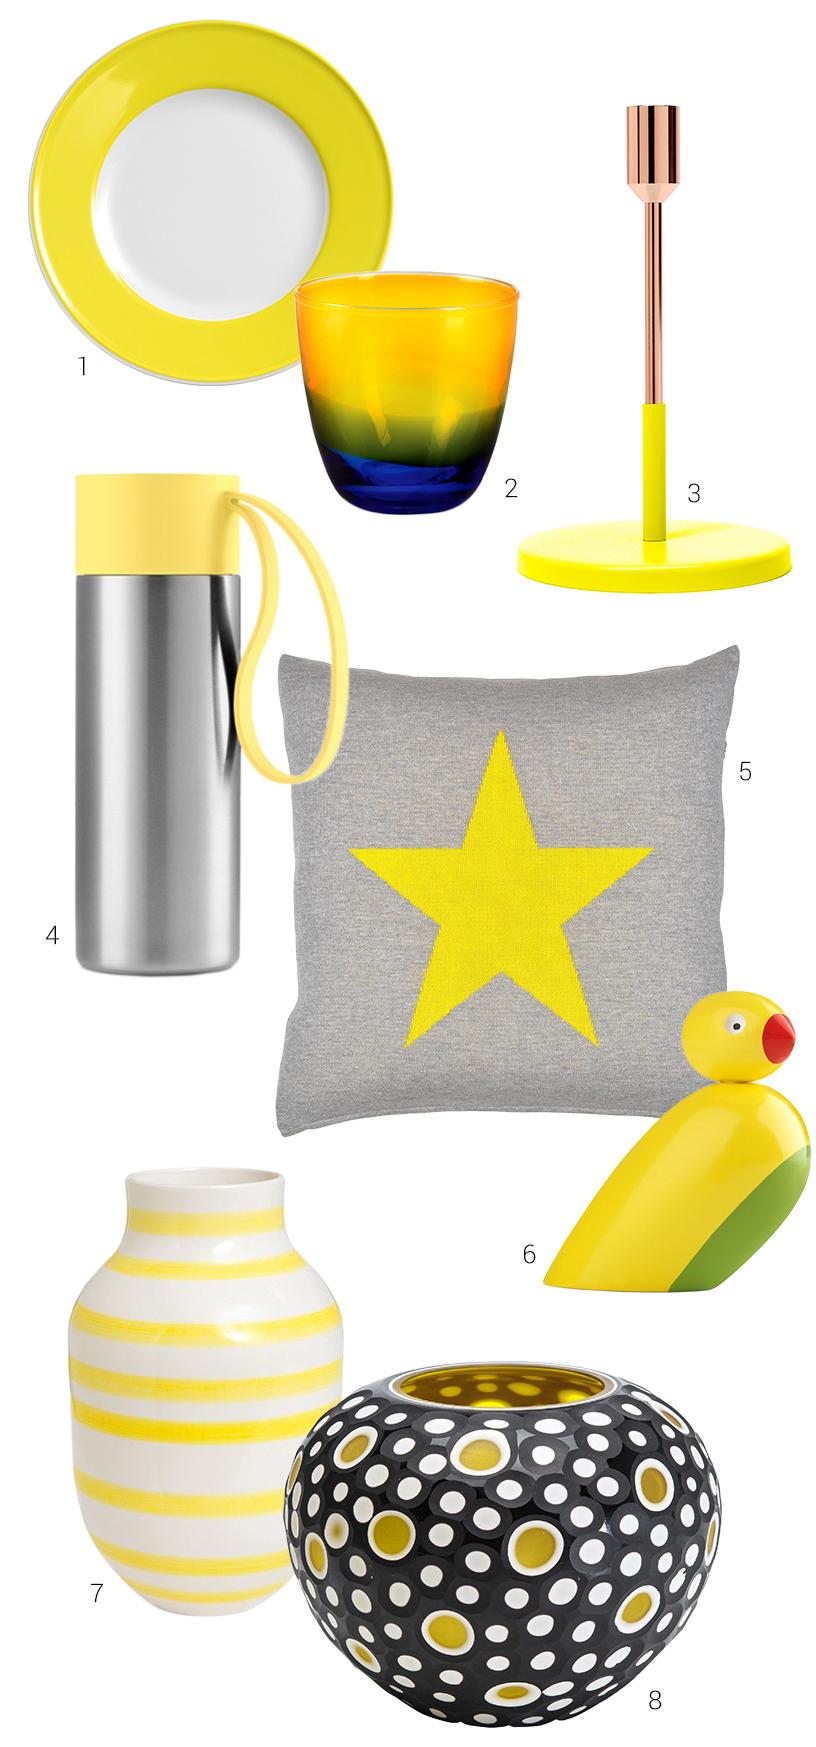 Design-Gelb-Trend-Farbe-Dibbern-Etna-Serax-Eva Solo-Lenz&Leif-Rosendahl-Kähler-Kare-02